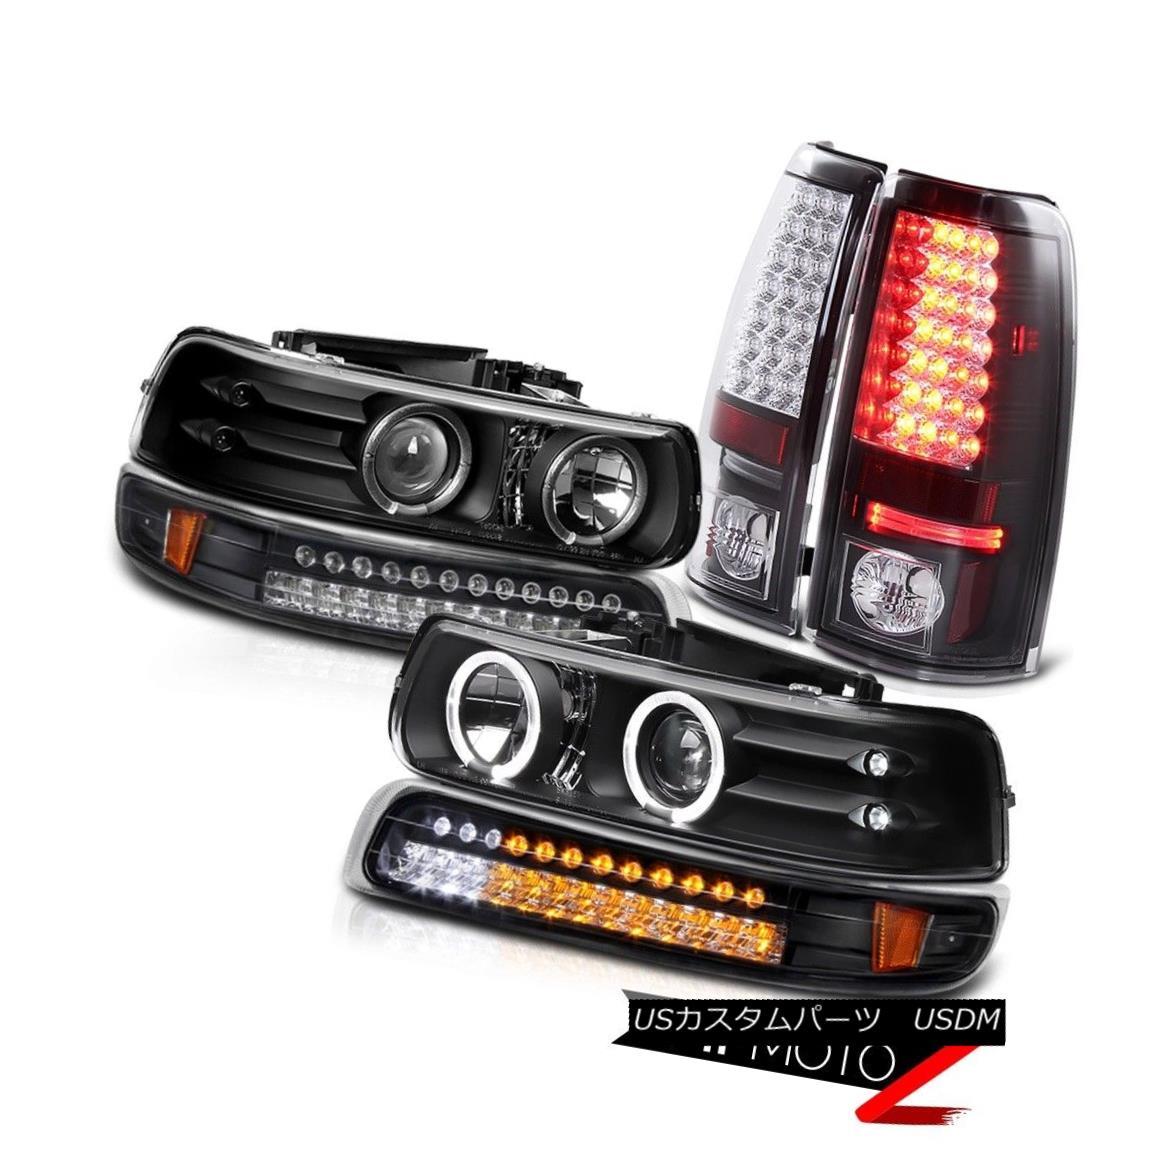 テールライト CHEVY Silverado 99-02 Angel Eye DRL Projector Headlights LED Parking Tail Lights CHEVY Silverado 99-02 Angel Eye DRLプロジェクターヘッドライトLEDパーキングテールライト